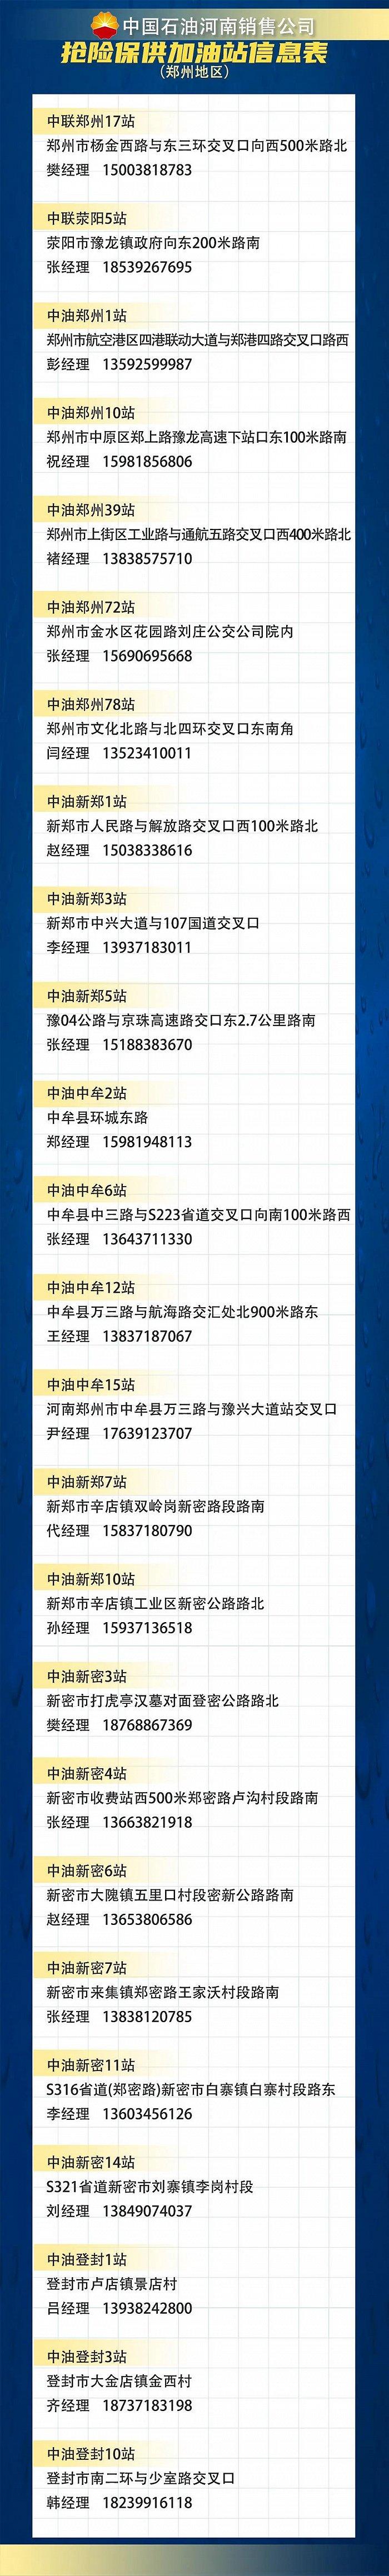 """欧亿3首页应对暴雨险情,""""两桶油""""郑州辖区内这些加油站启动保供服务"""